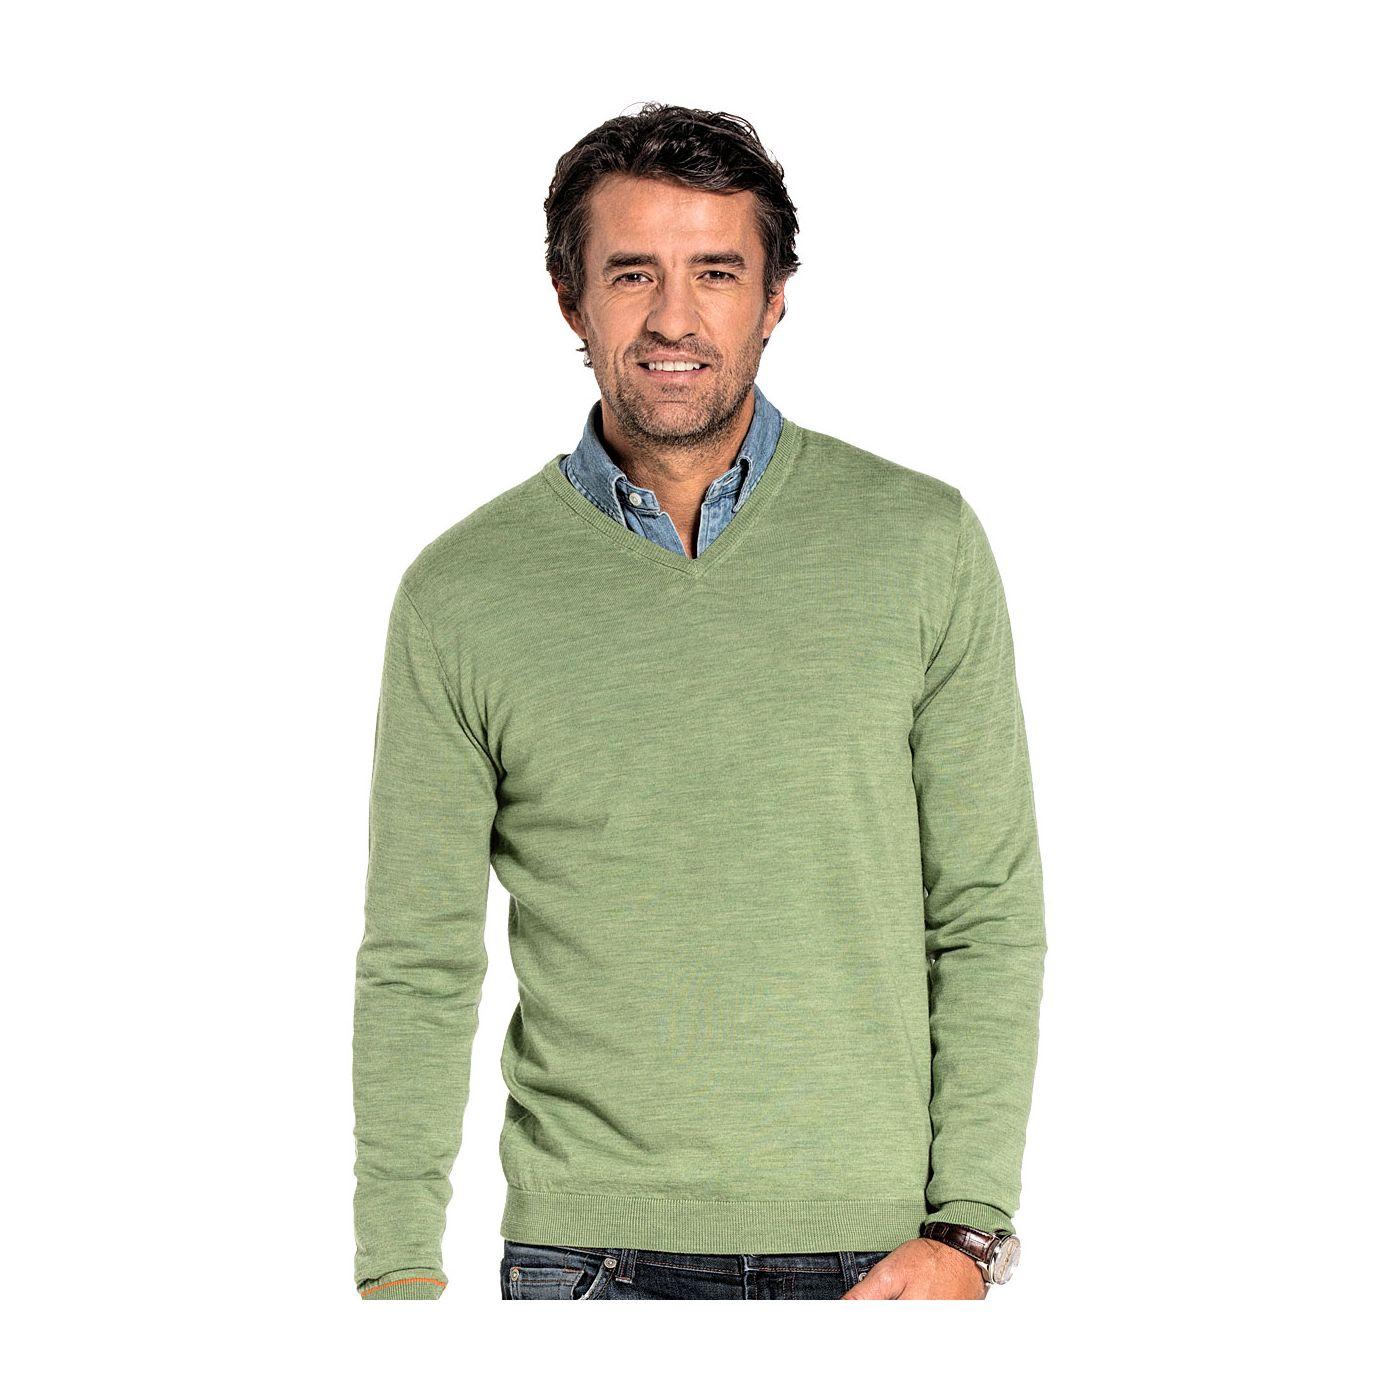 V-Neck sweater for men made of Merino wool in Green